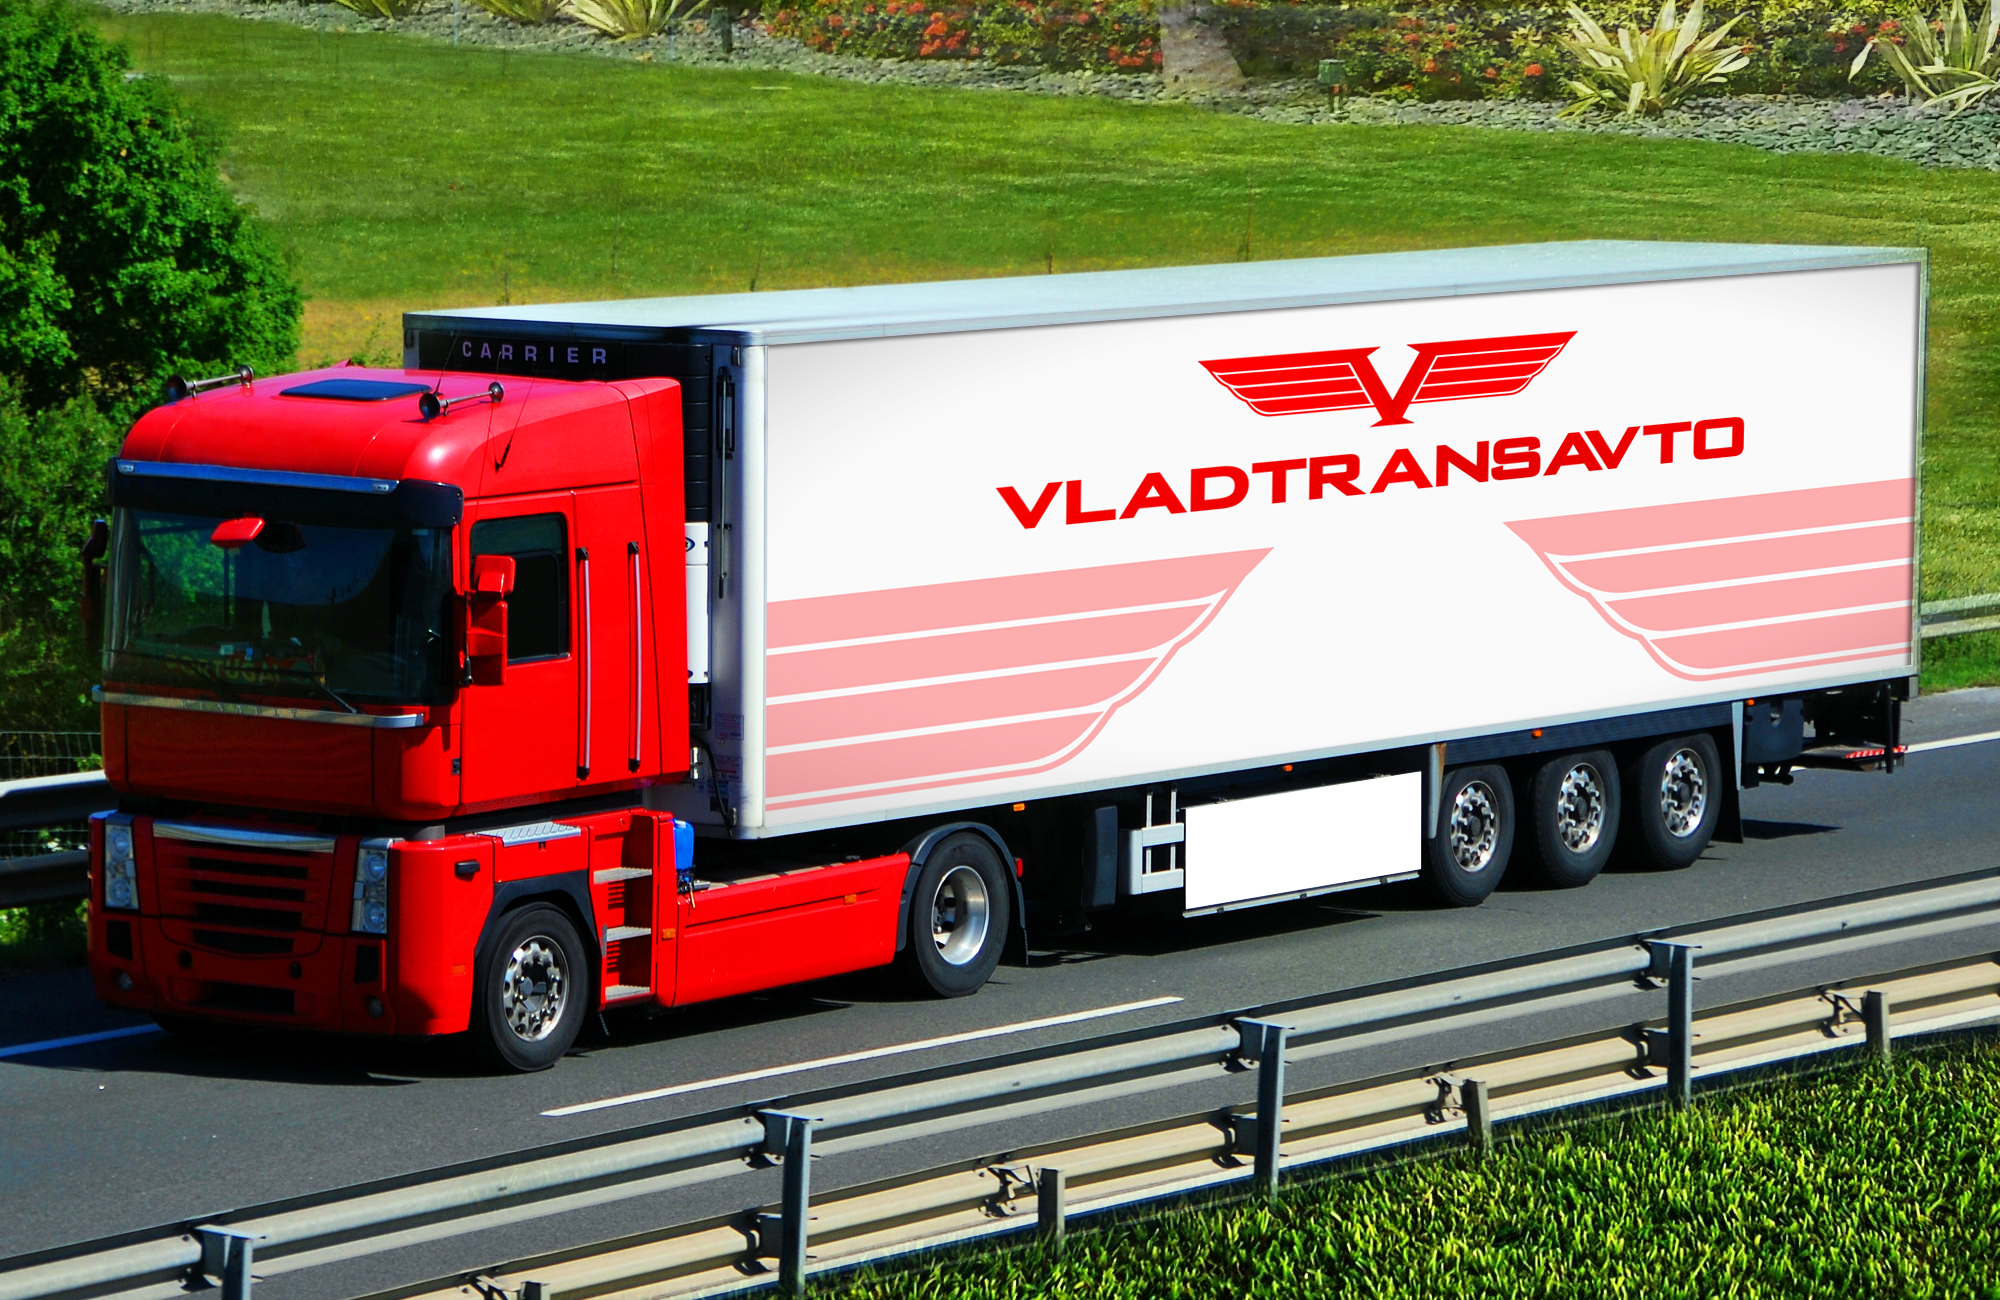 Логотип и фирменный стиль для транспортной компании Владтрансавто фото f_2315cdc0e955e883.jpg